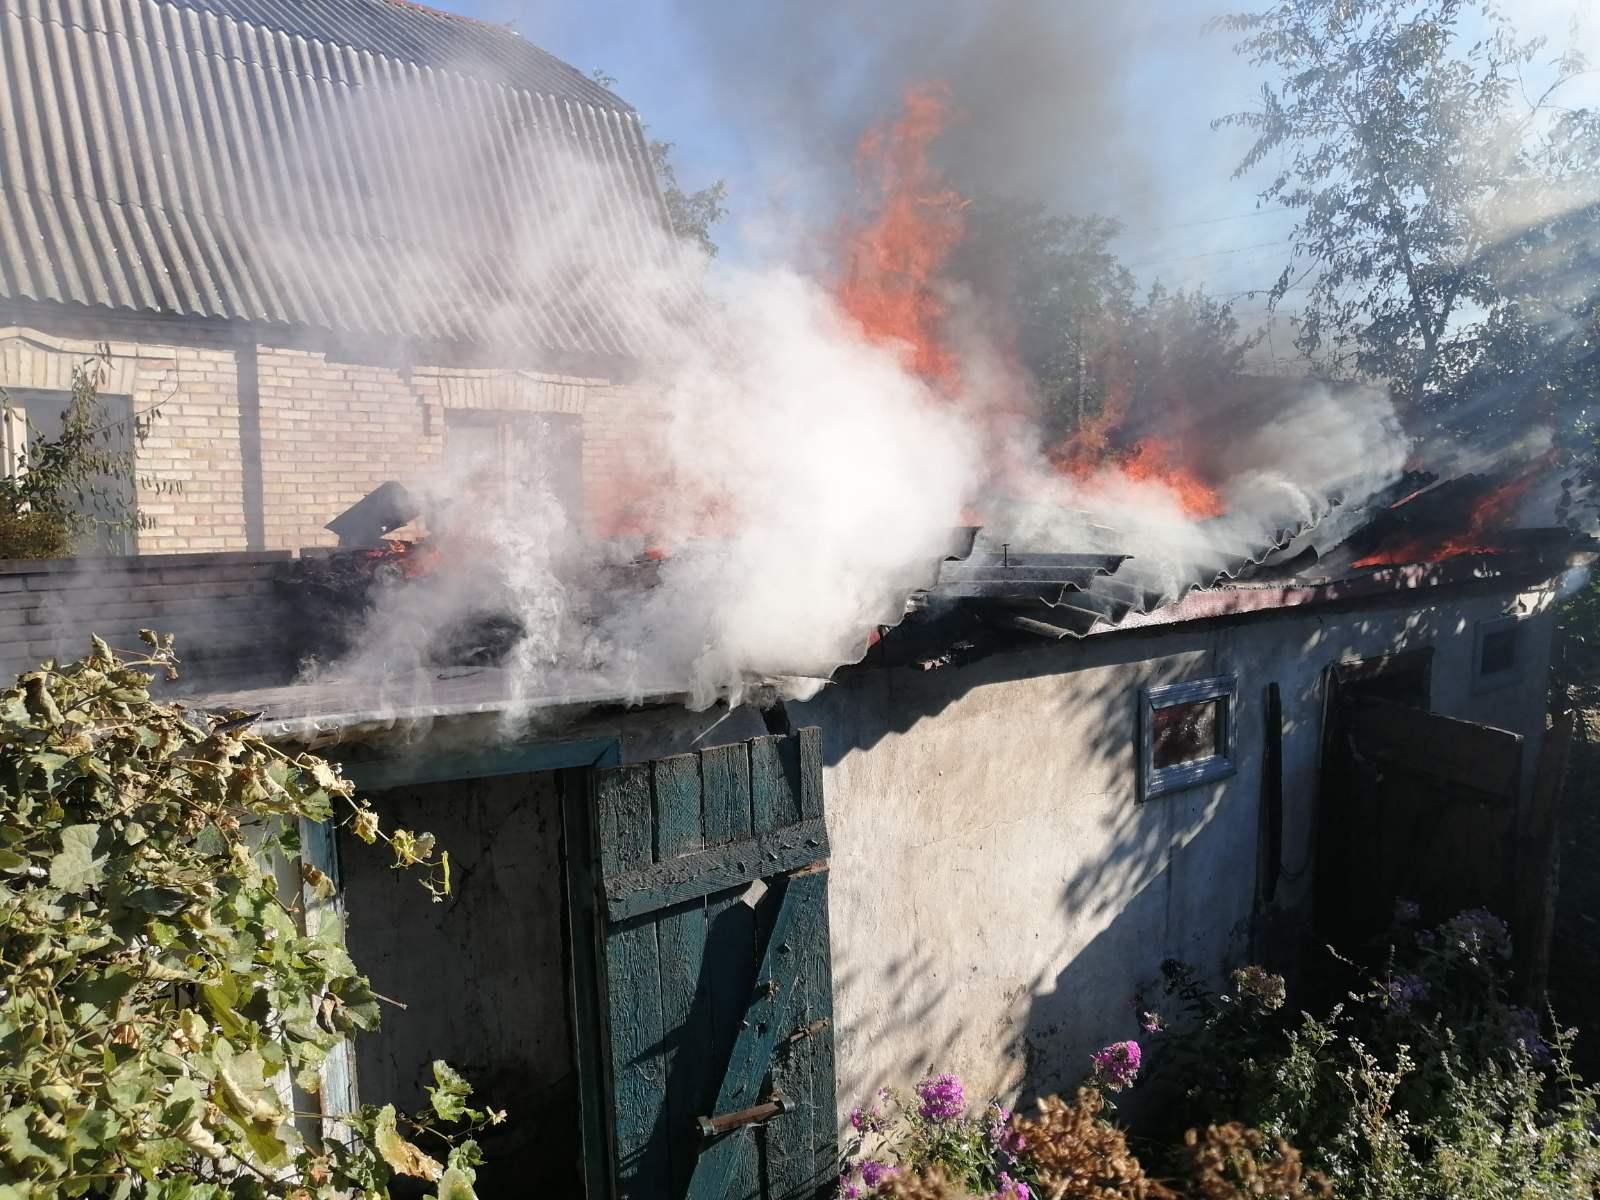 На вихідних у Києво-Святошинському районі сталося дві пожежі - пожежа, Києво-Святошинський район, авто - IMG c382e4312450f51585cb4efcd53dc702 V